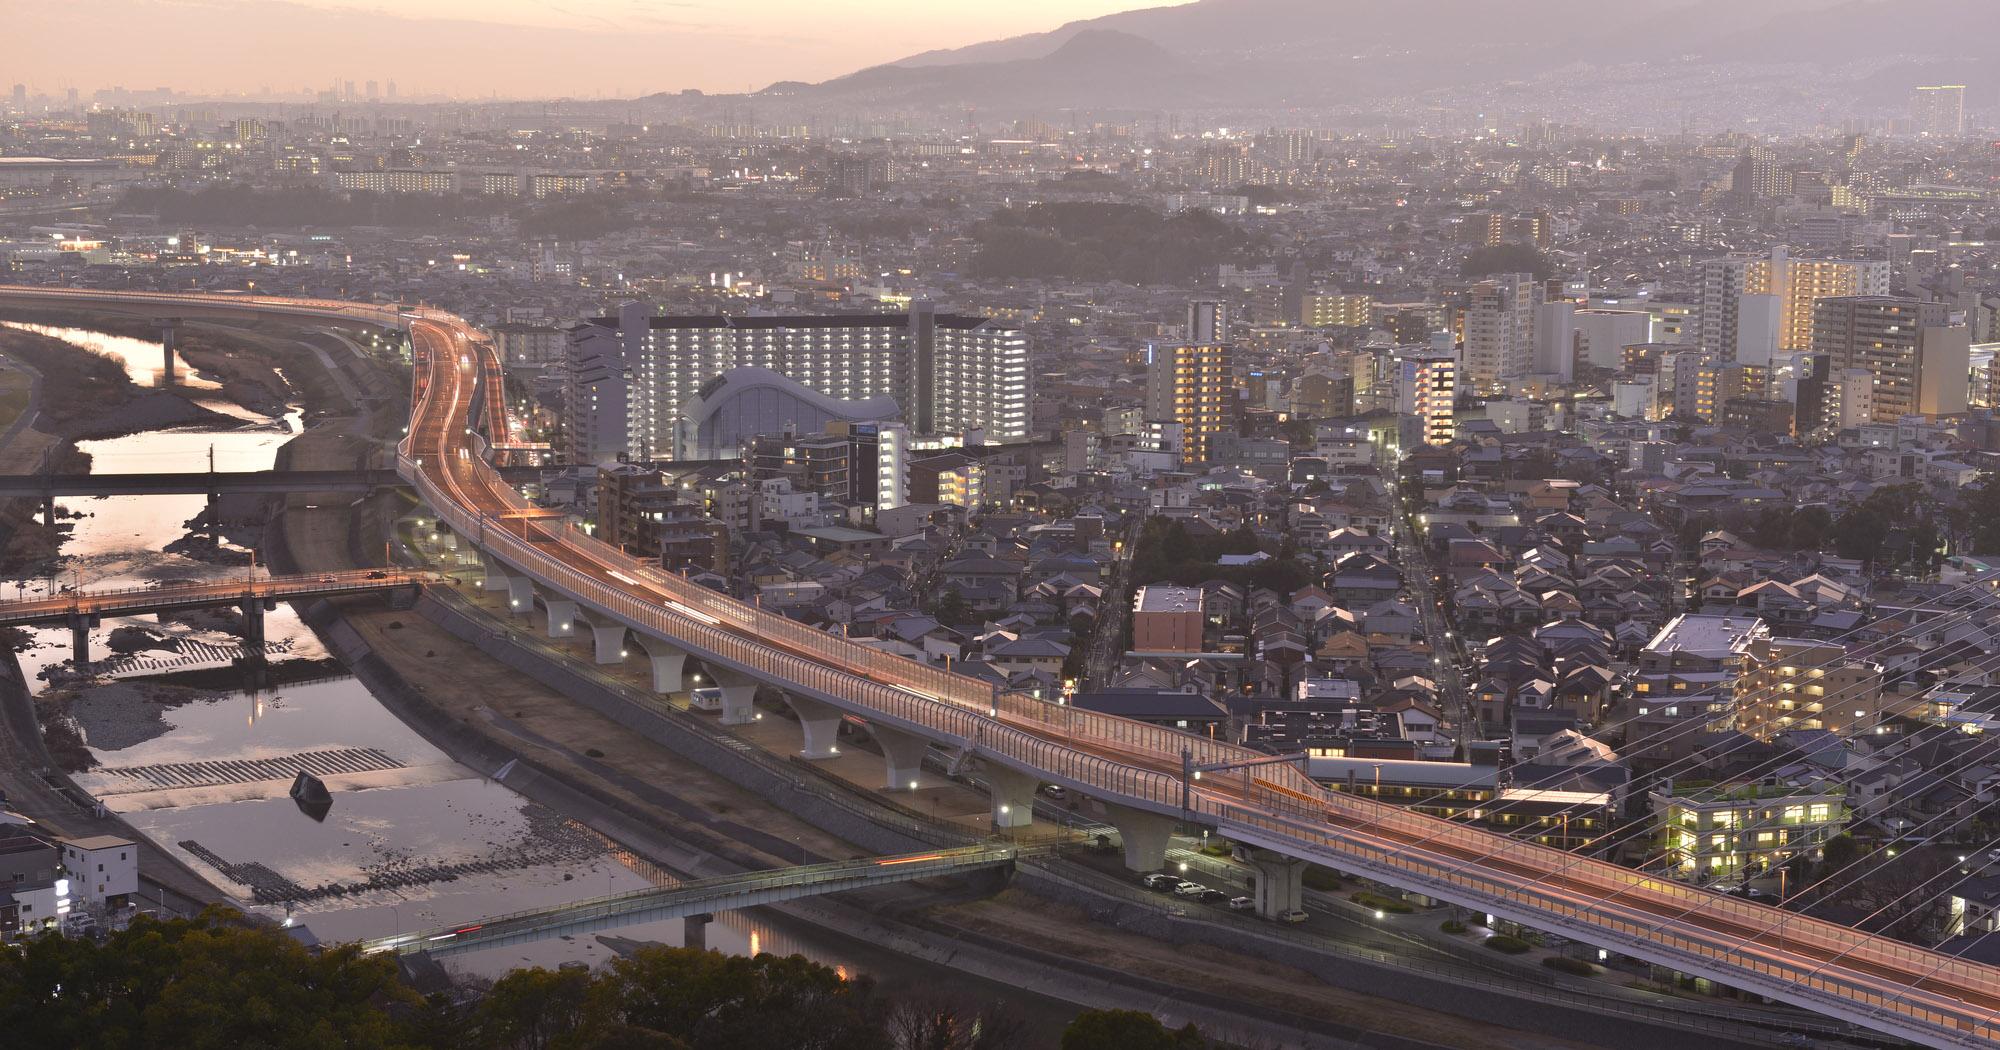 川西市の中心地では次世代型のまちづくりがはじまっています。